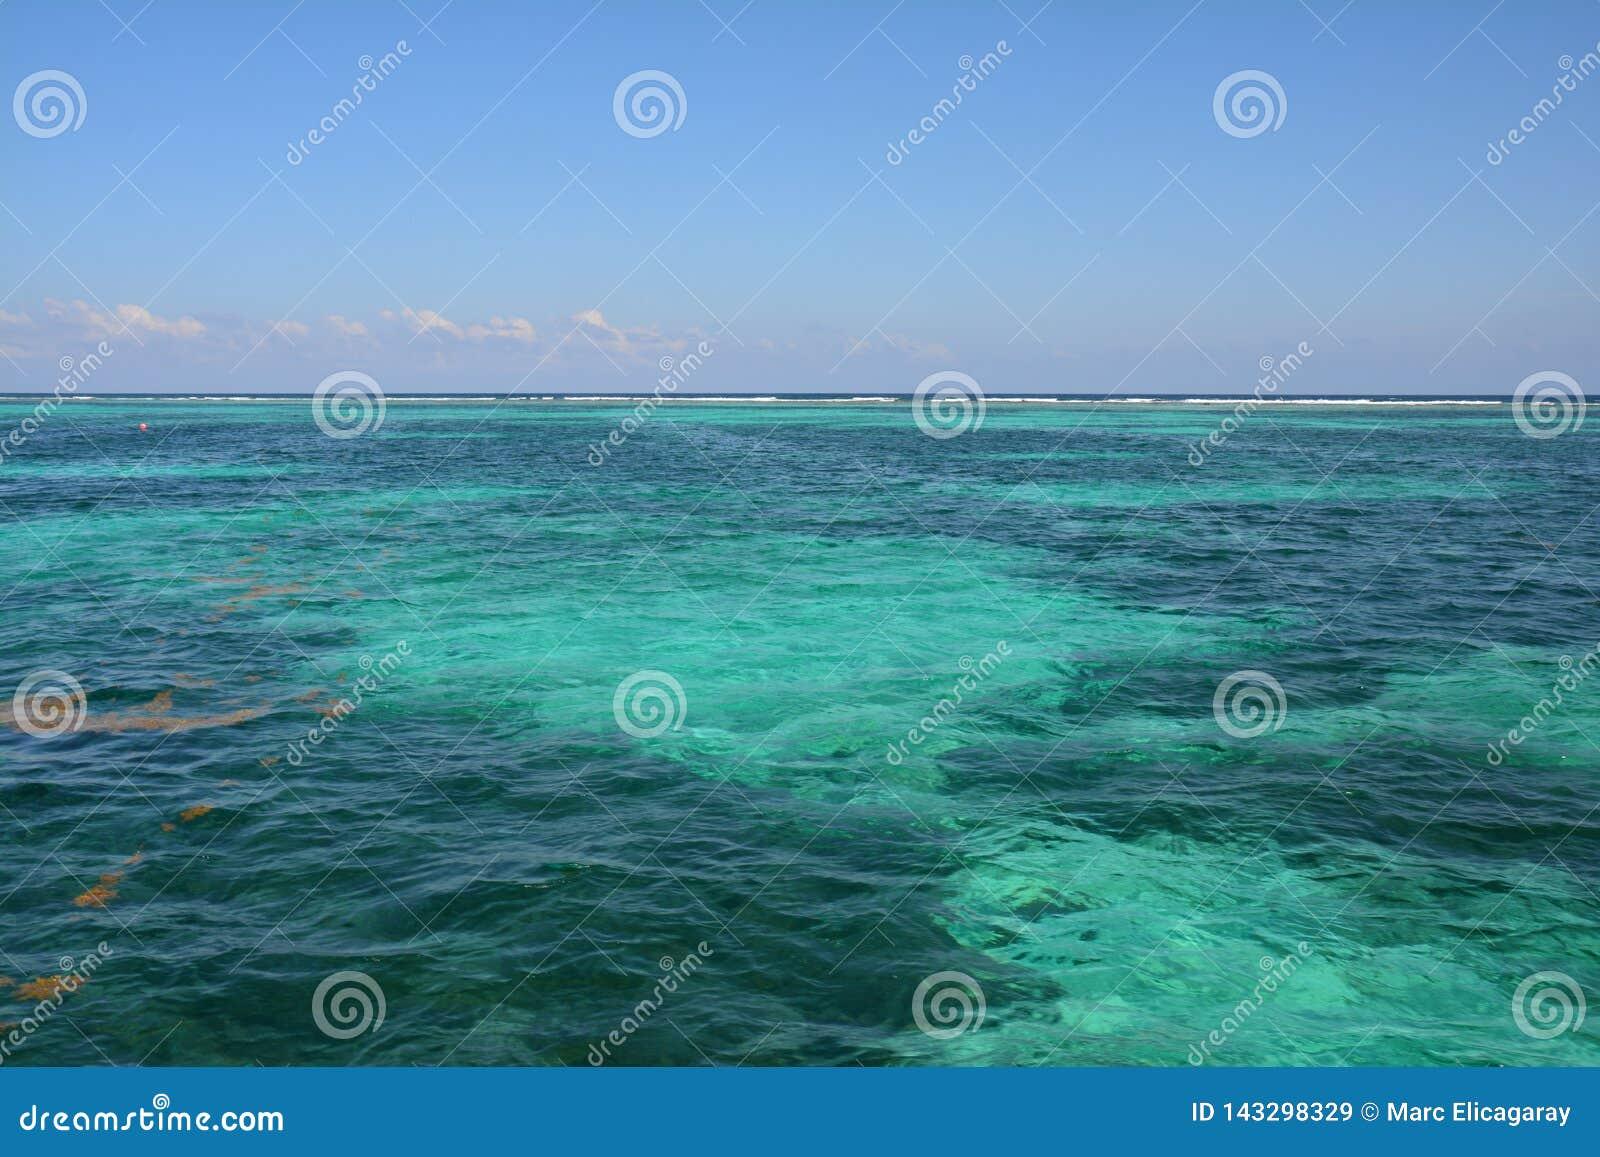 Κοραλλιογενής ύφαλος στο νησί Μπελίζ καλαφατών Caye